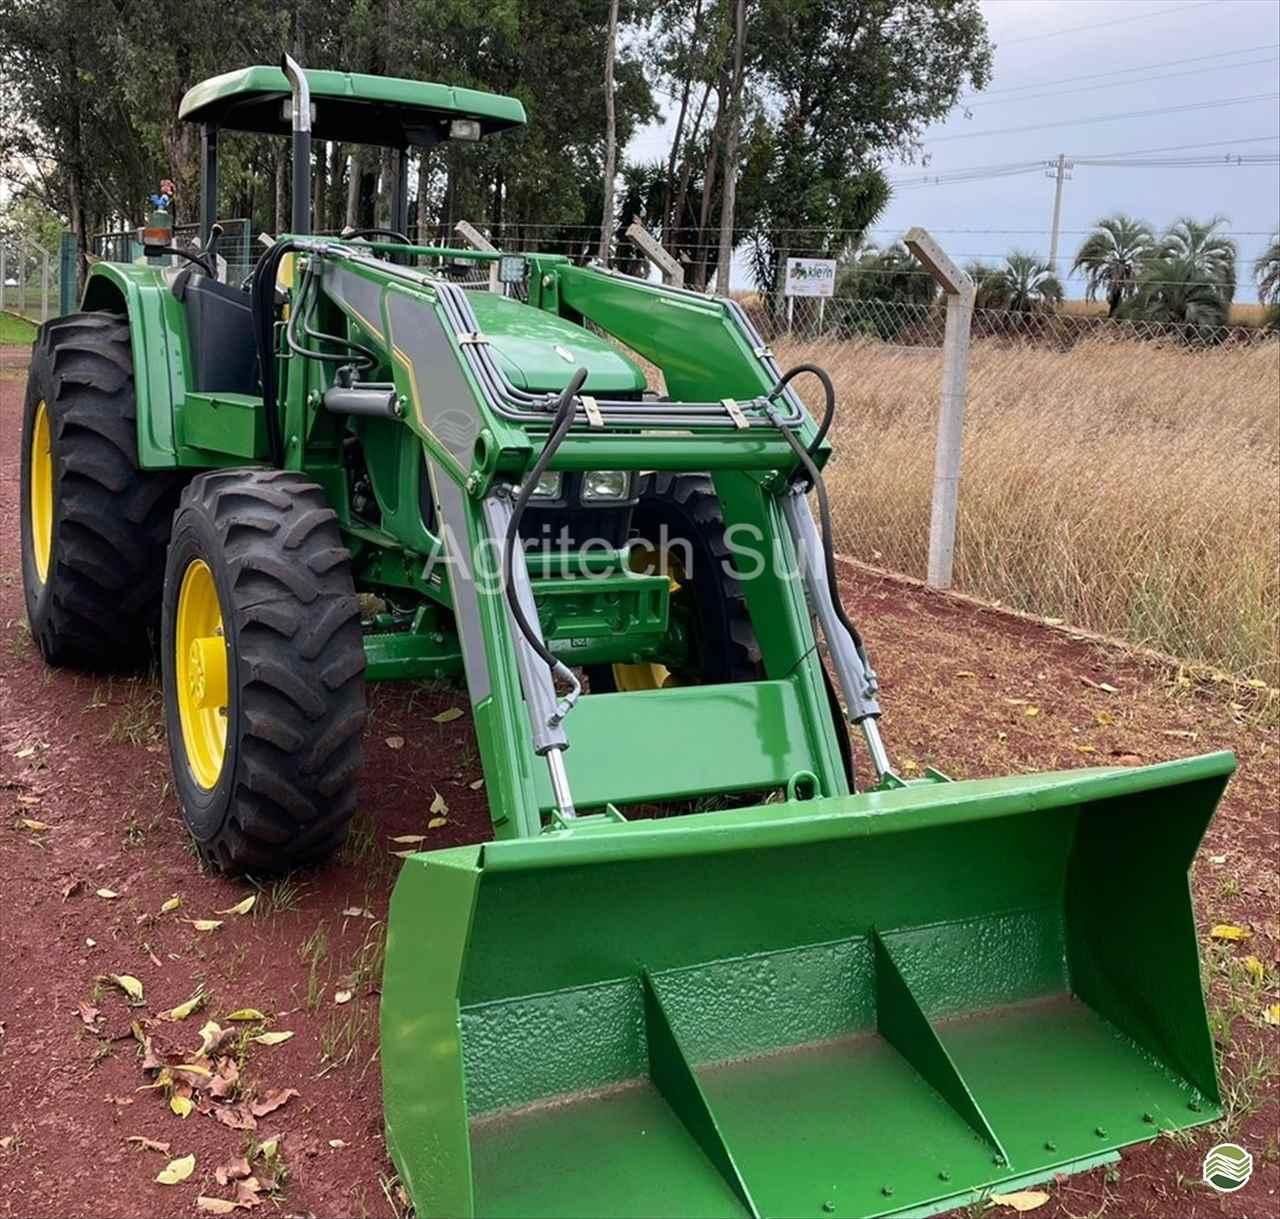 JOHN DEERE 6415 de Agritech Sul - PASSO FUNDO/RS